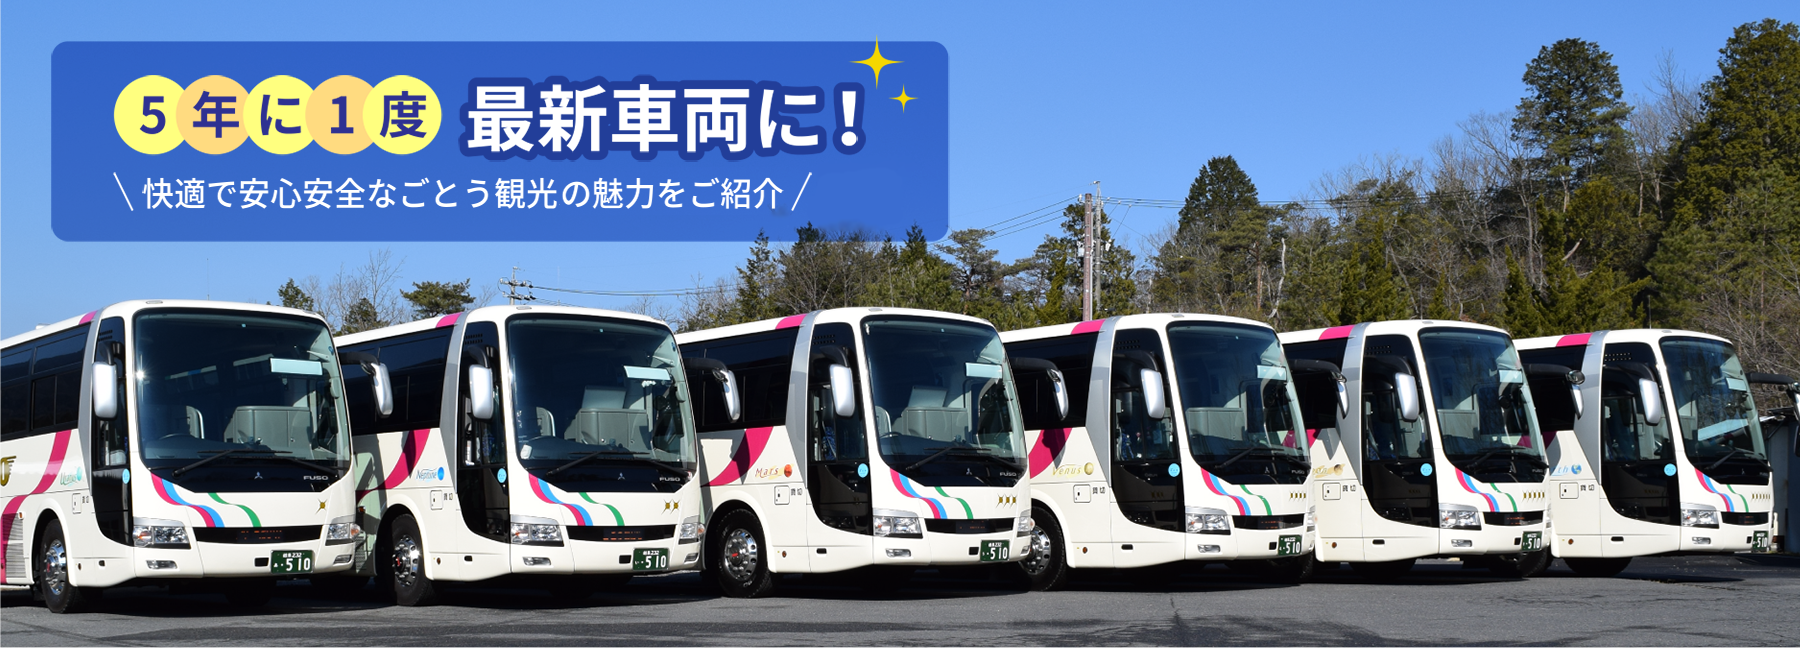 5年に1度最新車両に!快適で安心安全なごとう観光バスの魅力をご紹介